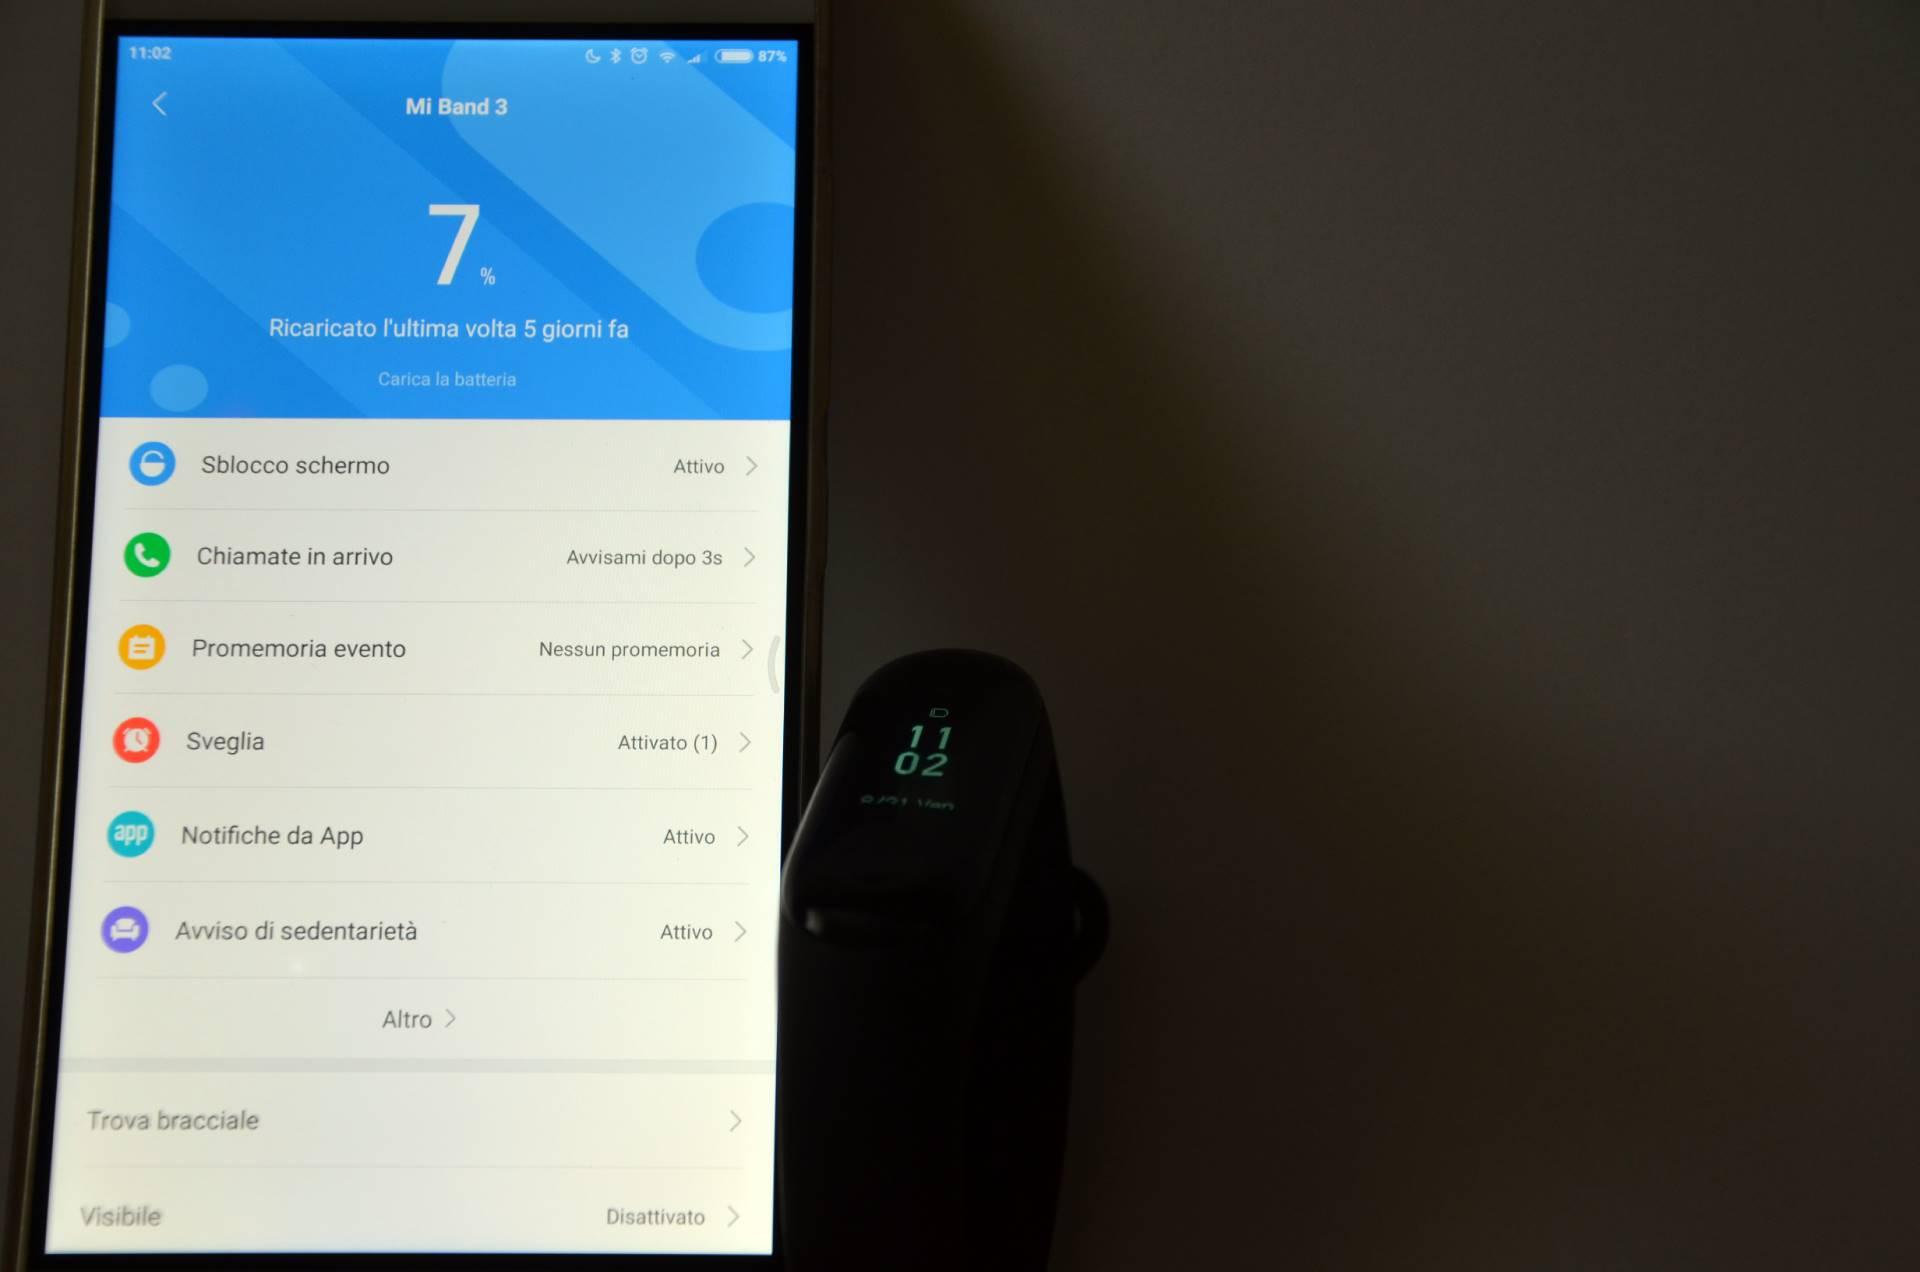 Xiaomi Mi Band 3 app Mi Fit